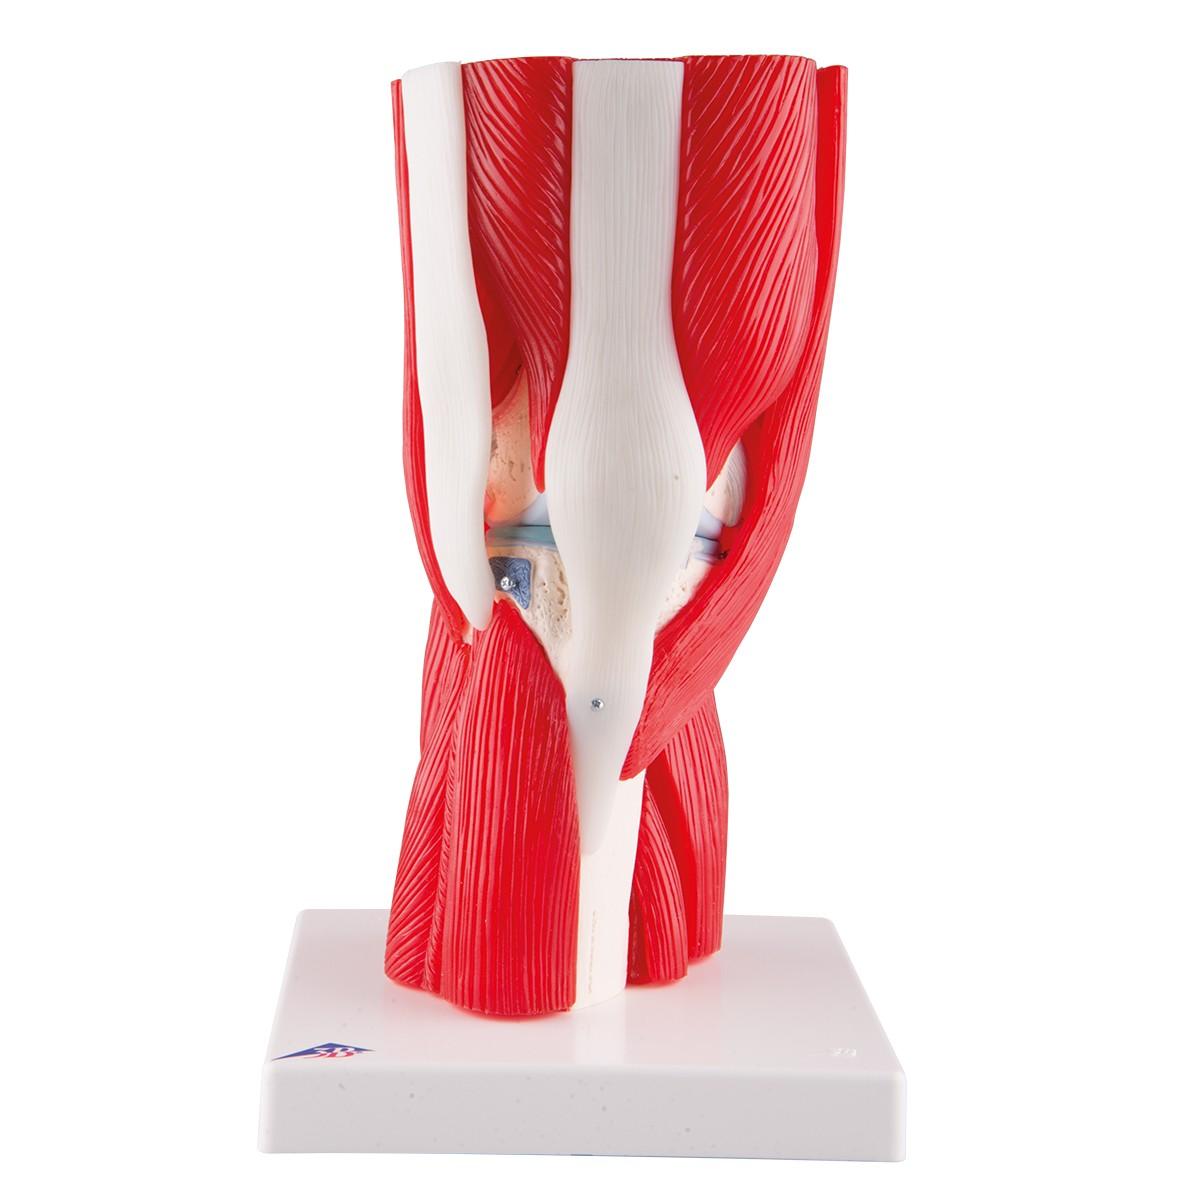 Anatomie Modelle - menschliches Knie, Anatomie des Kniegelenks mit ...